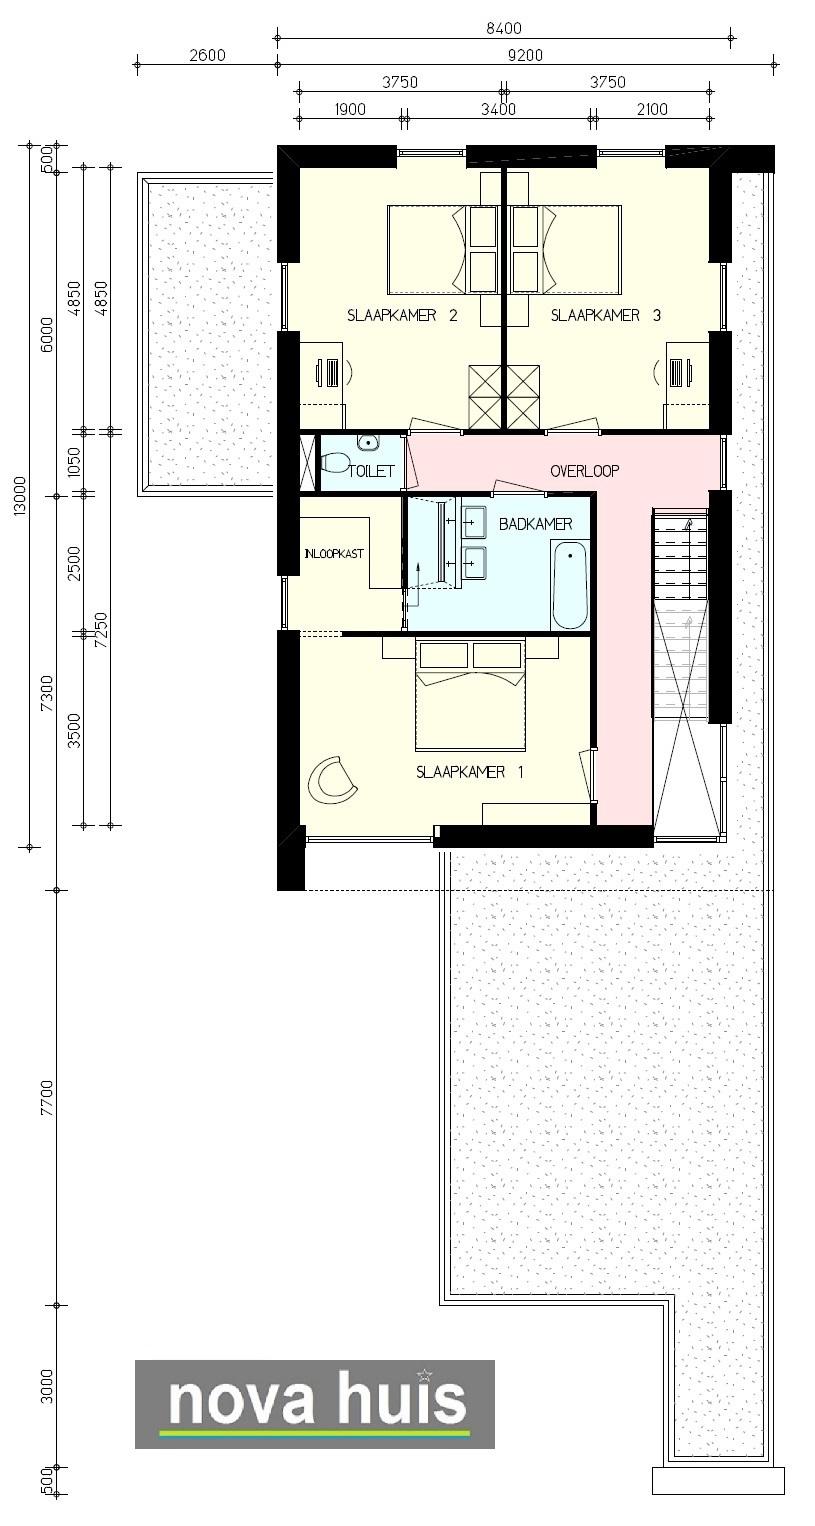 Moderne kubistische woning k142 nova huis for Indeling woning